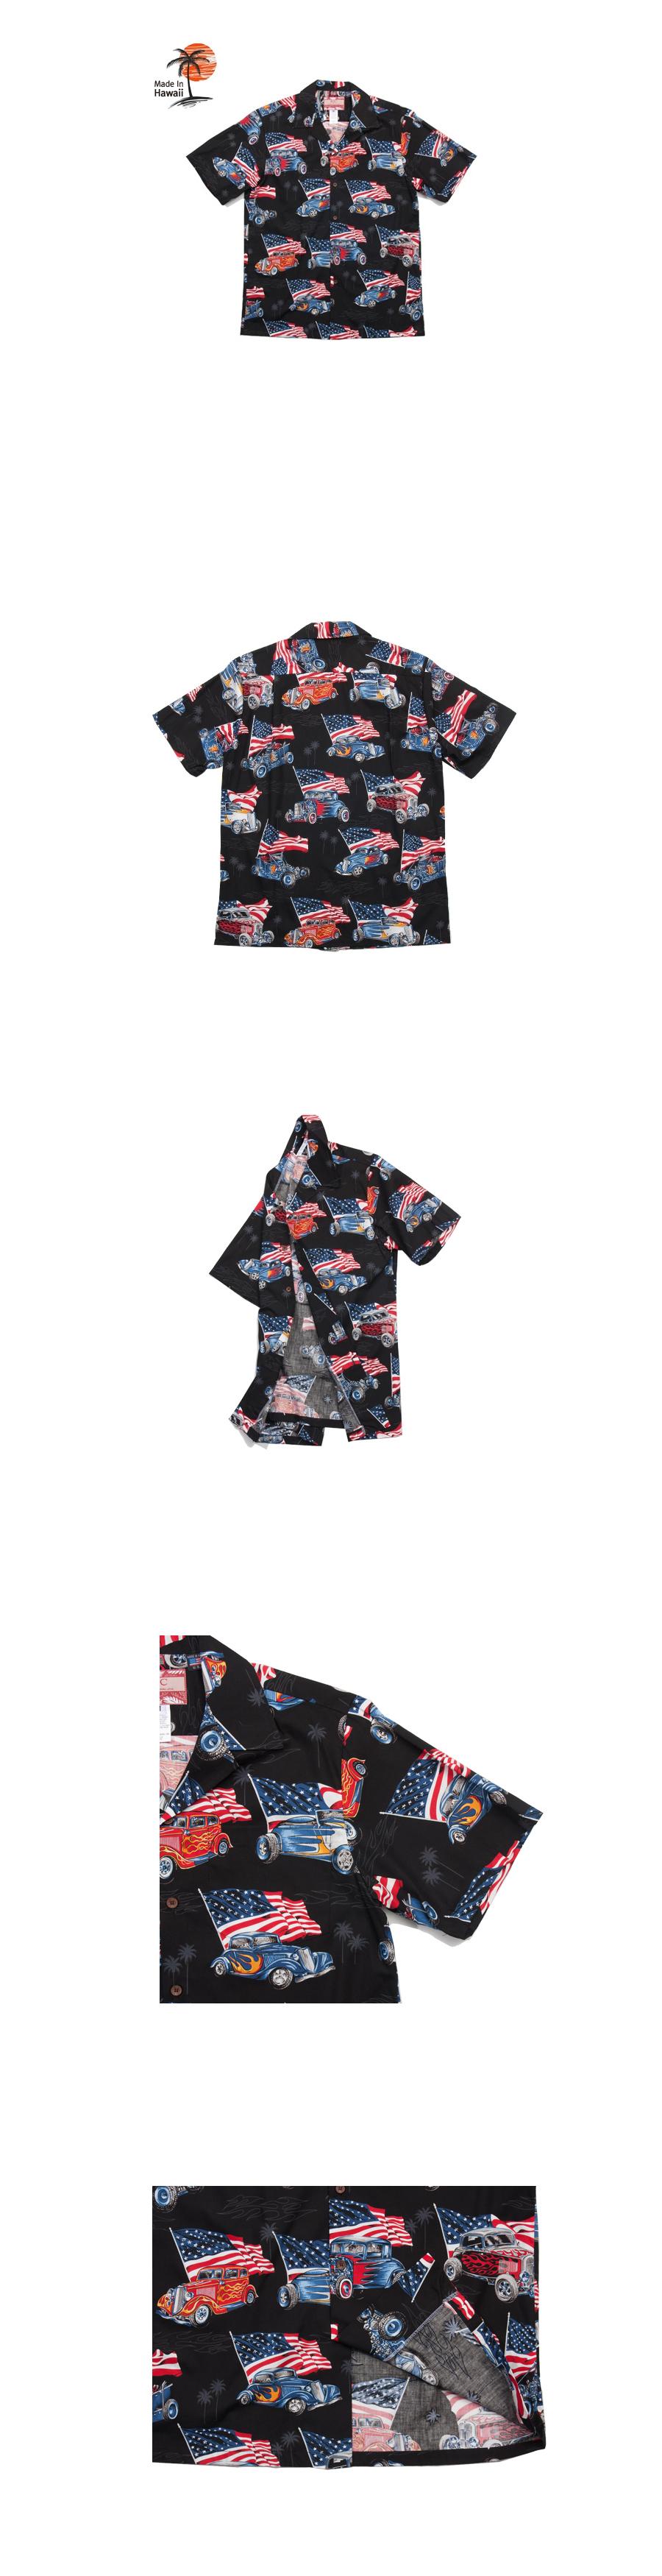 로버트제이씨 하와이(ROBERT J.C HAWAII) 102C.3157 Hawaii Shirts [Black]